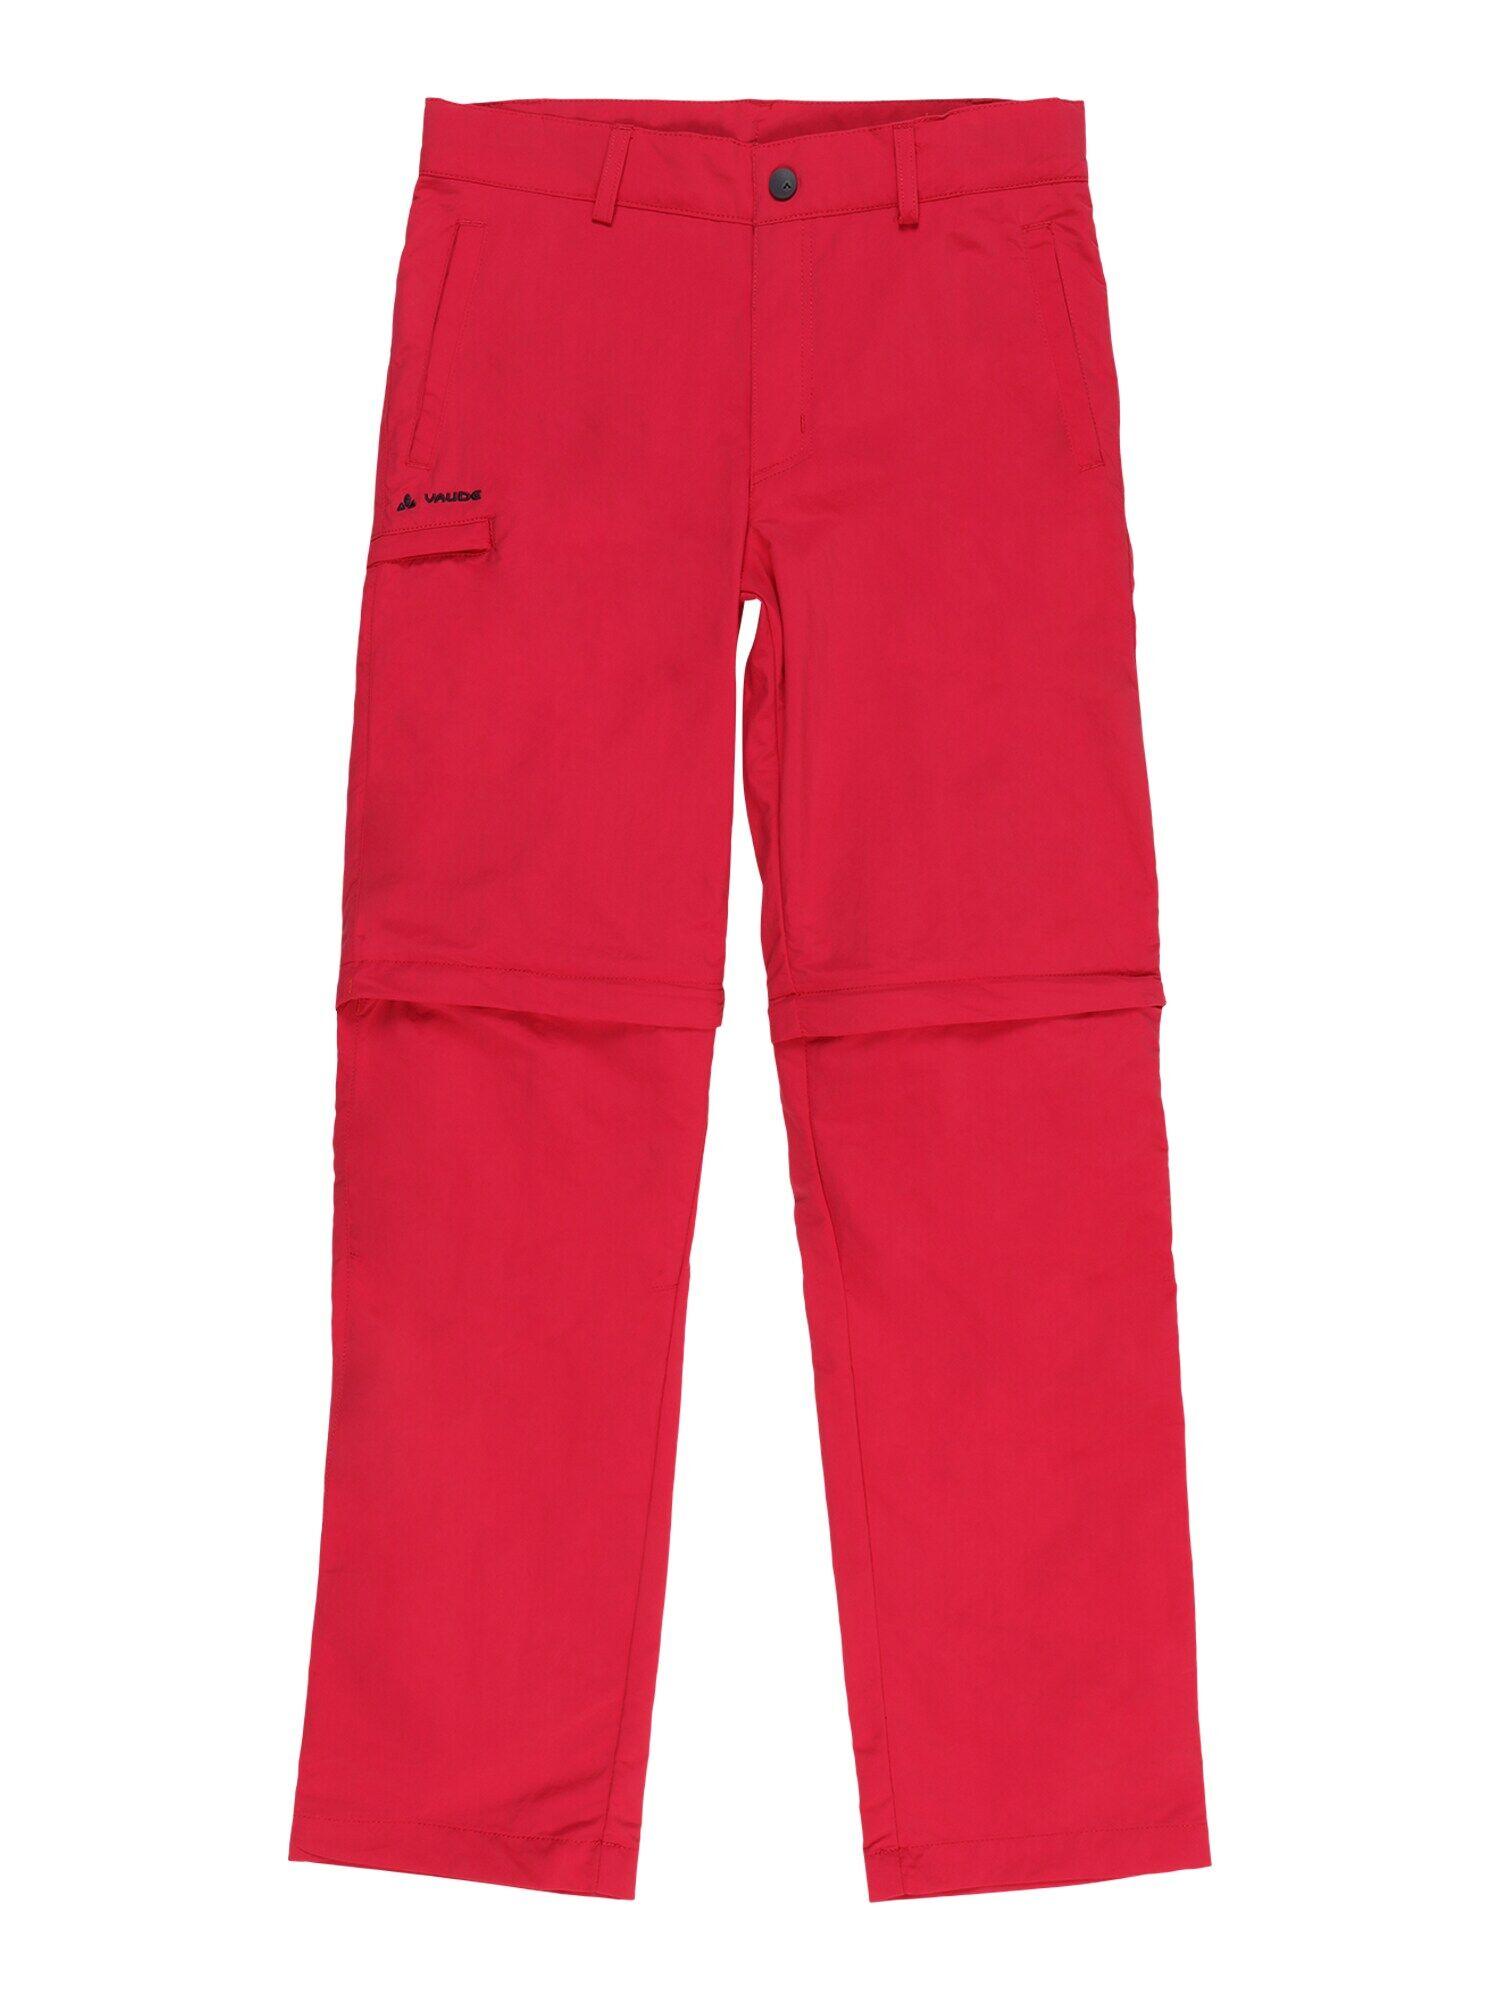 VAUDE Pantalon d'extérieur 'Detective'  - Rouge - Taille: 146-152 - boy